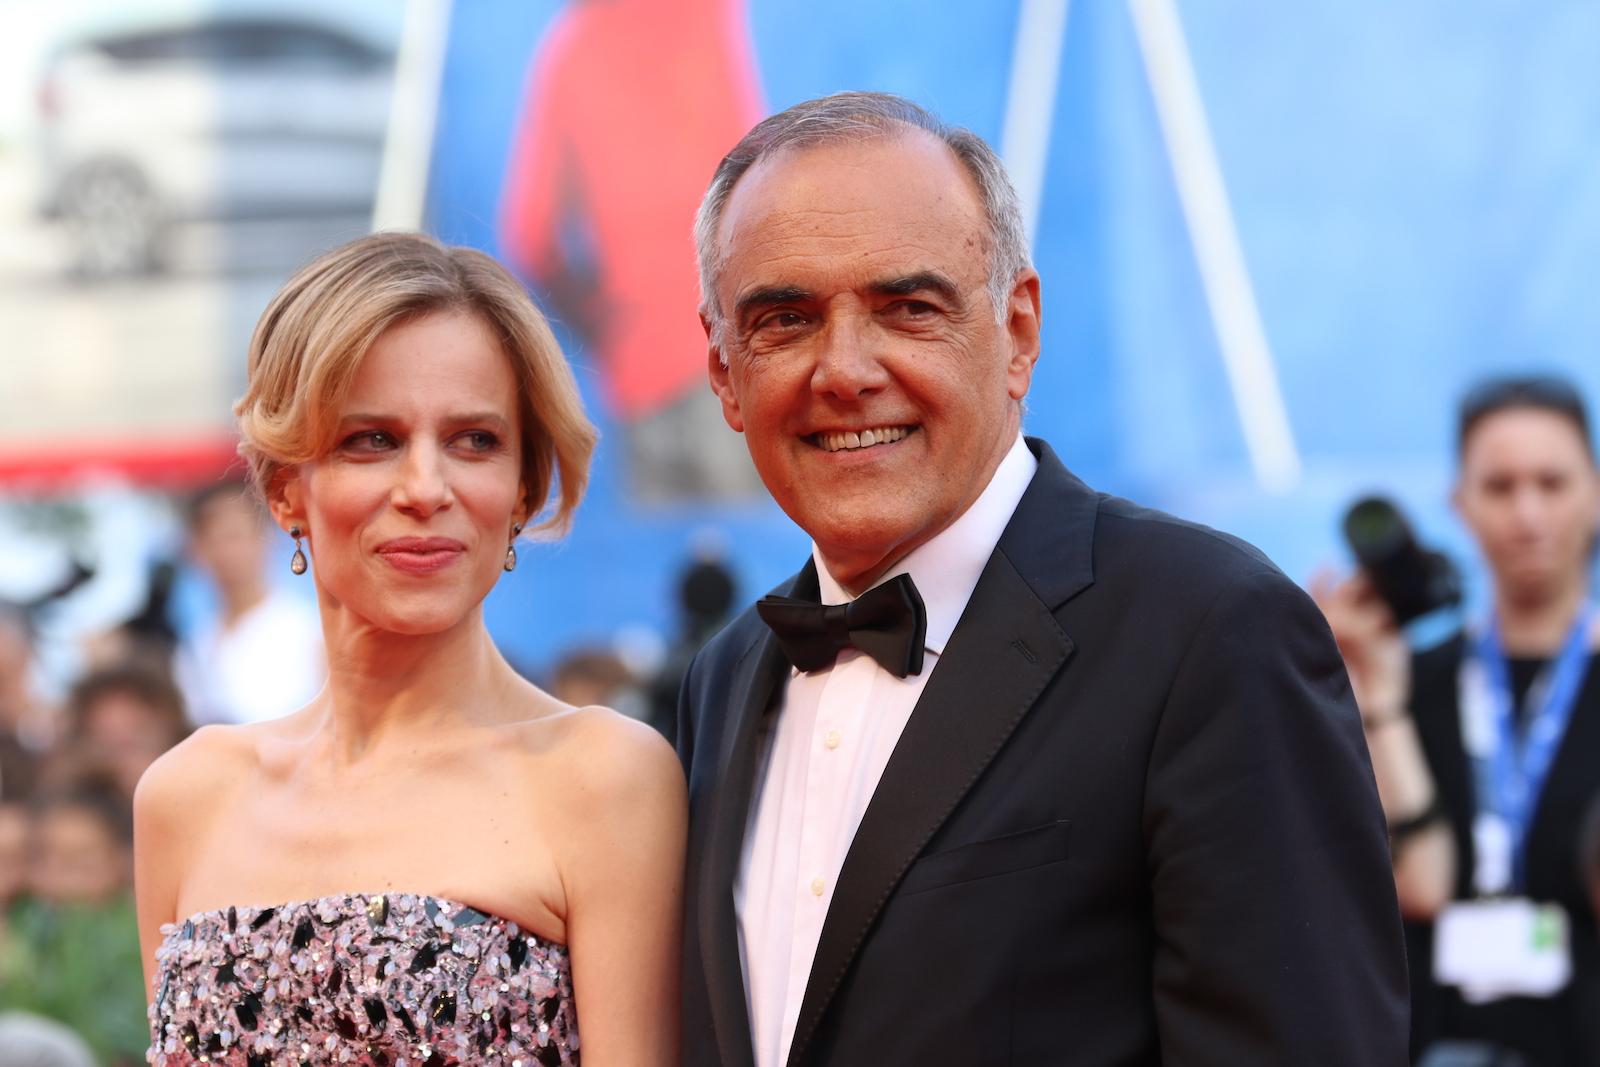 Venezia 2016: Sonia Bergamasco e Alberto Barbera sul red carpet della cerimonia di premiazione